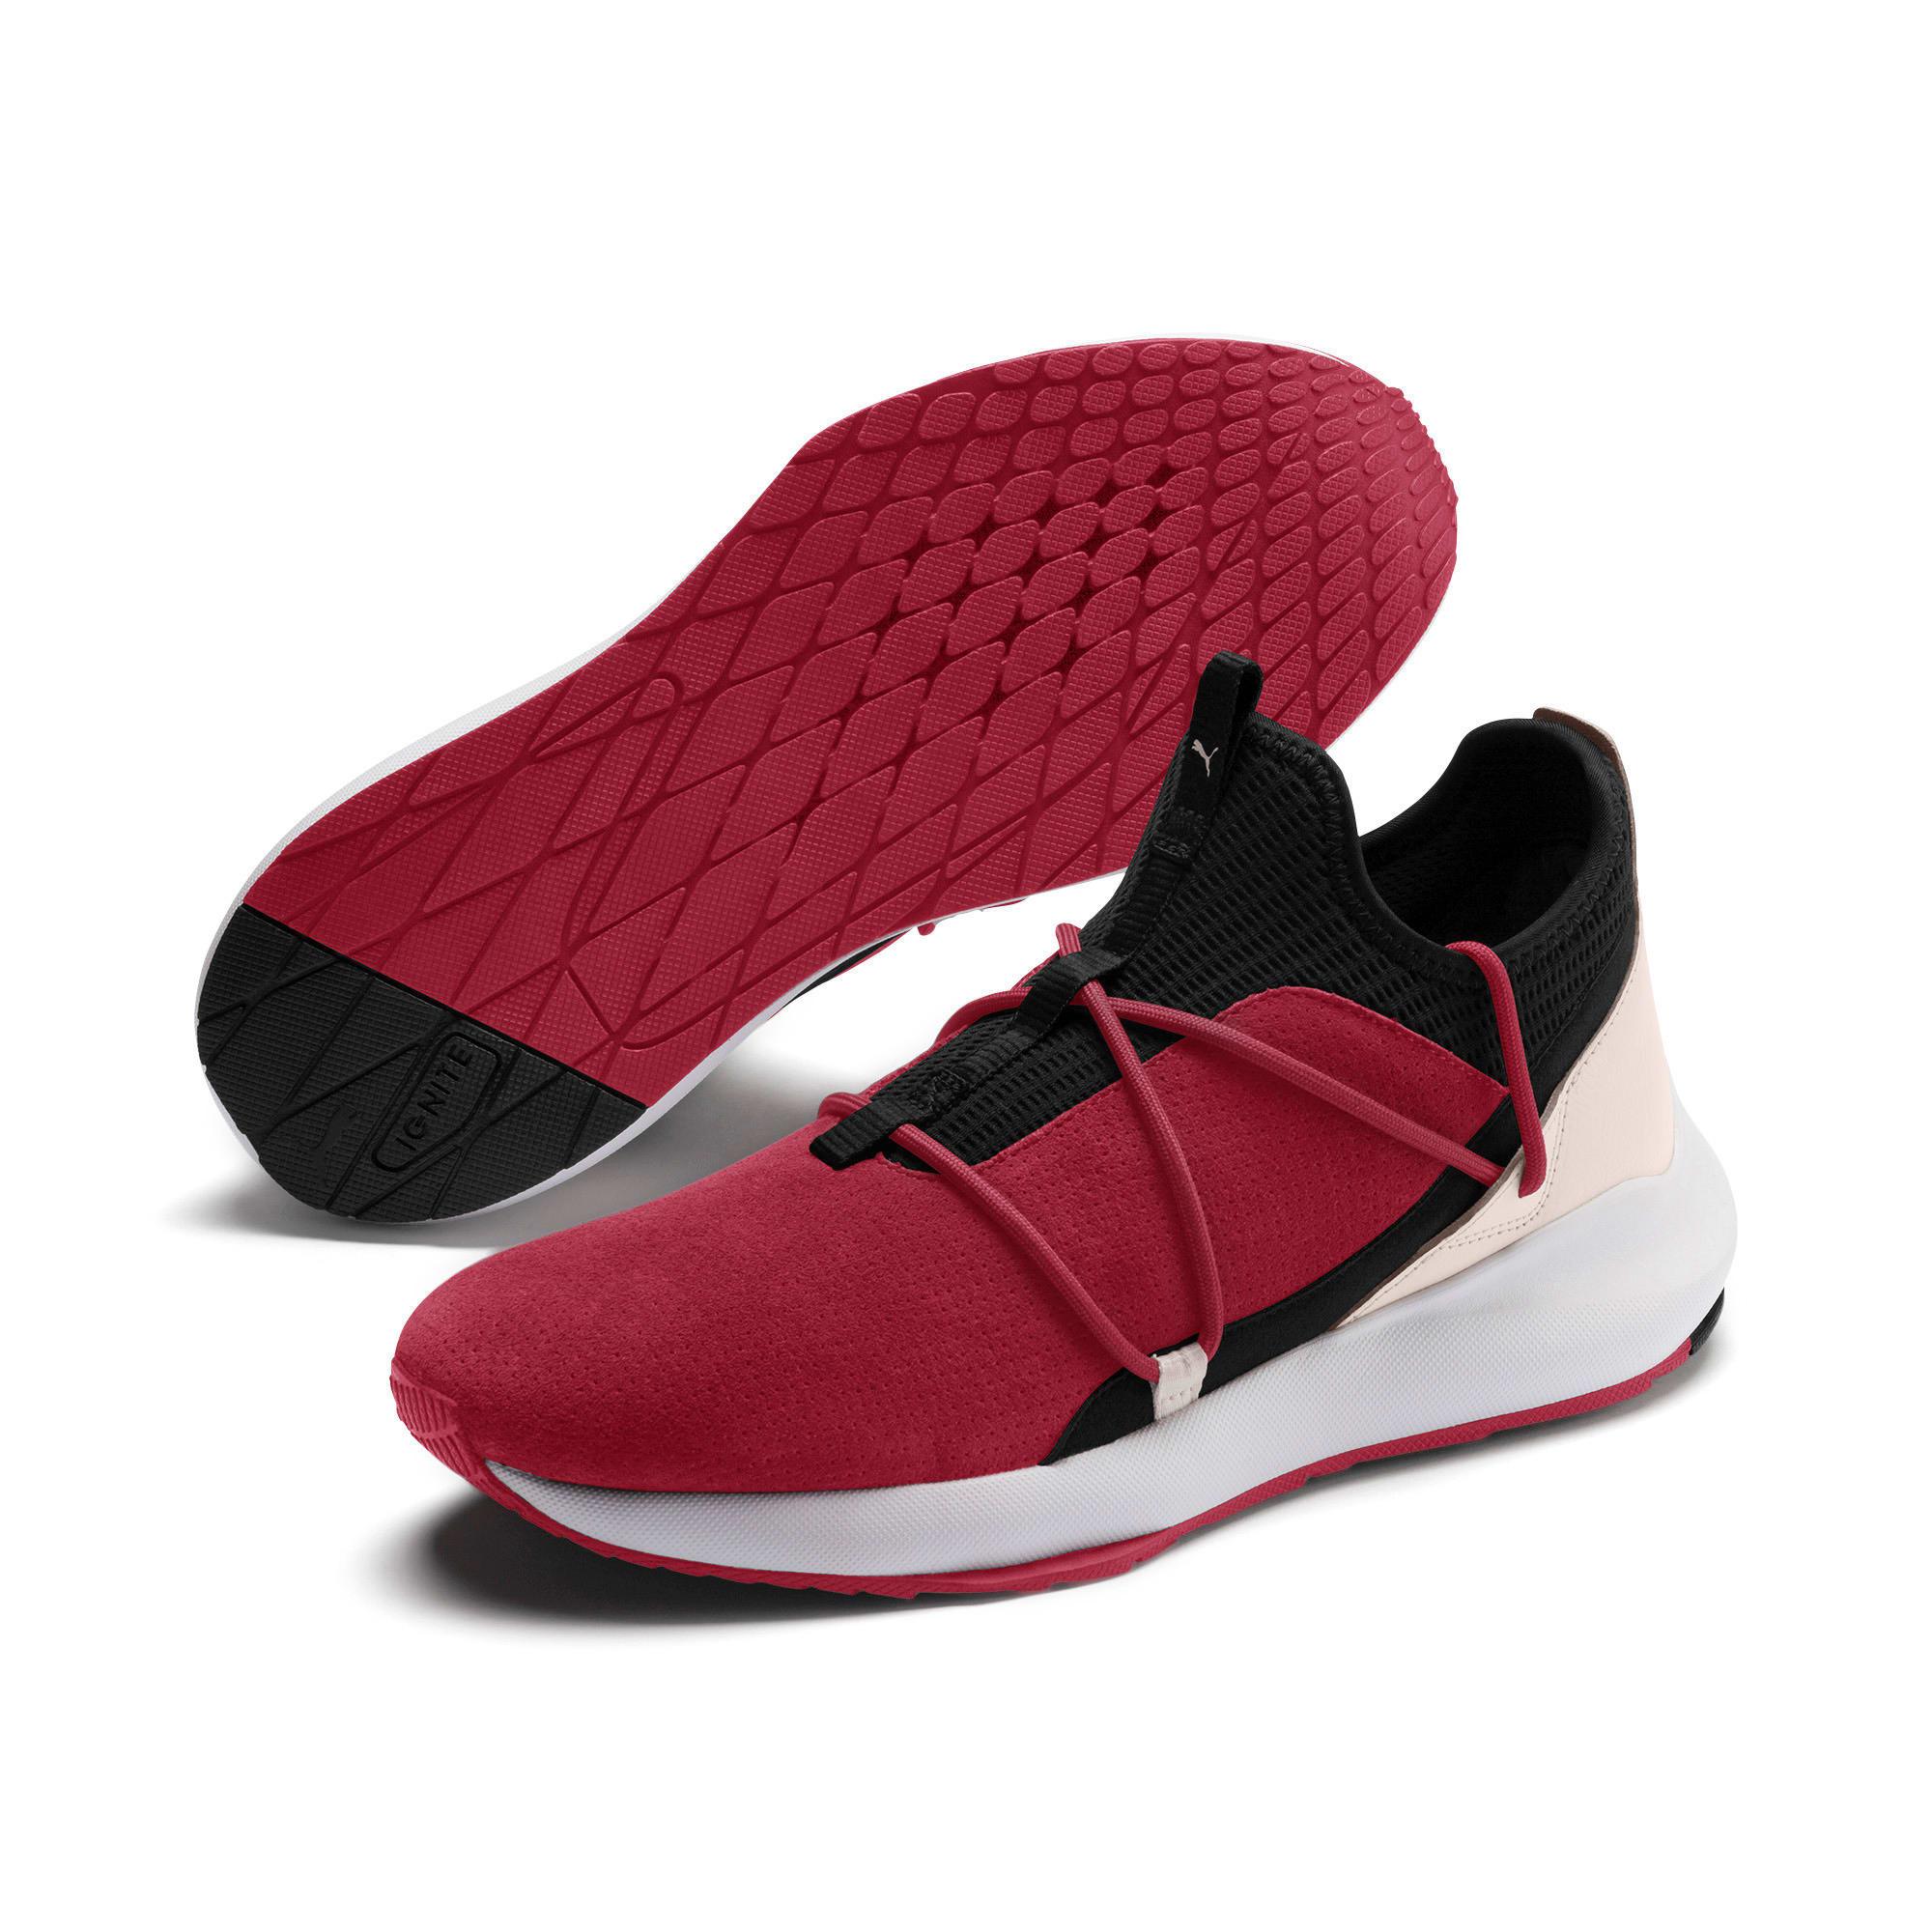 Miniatura 3 de Zapatos de entrenamiento de gamuzaScuderiaFerrariEvo Cat II, Rhubarb-Blk-PastelParchment, mediano